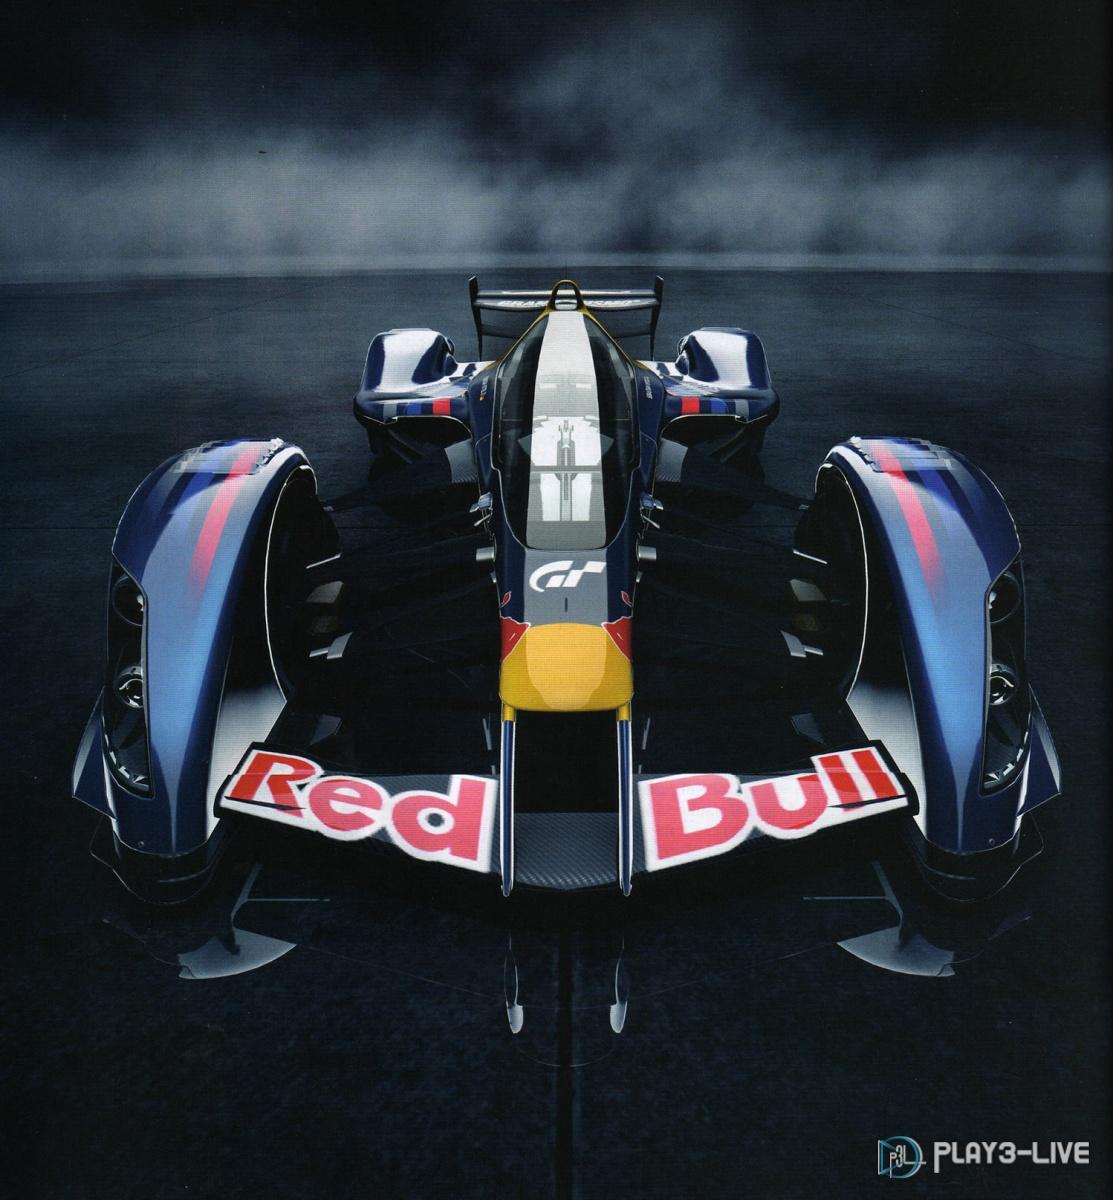 Red Bull X1 Prototype dévoilée Dans le jeu vidéo Gran Turismo 5